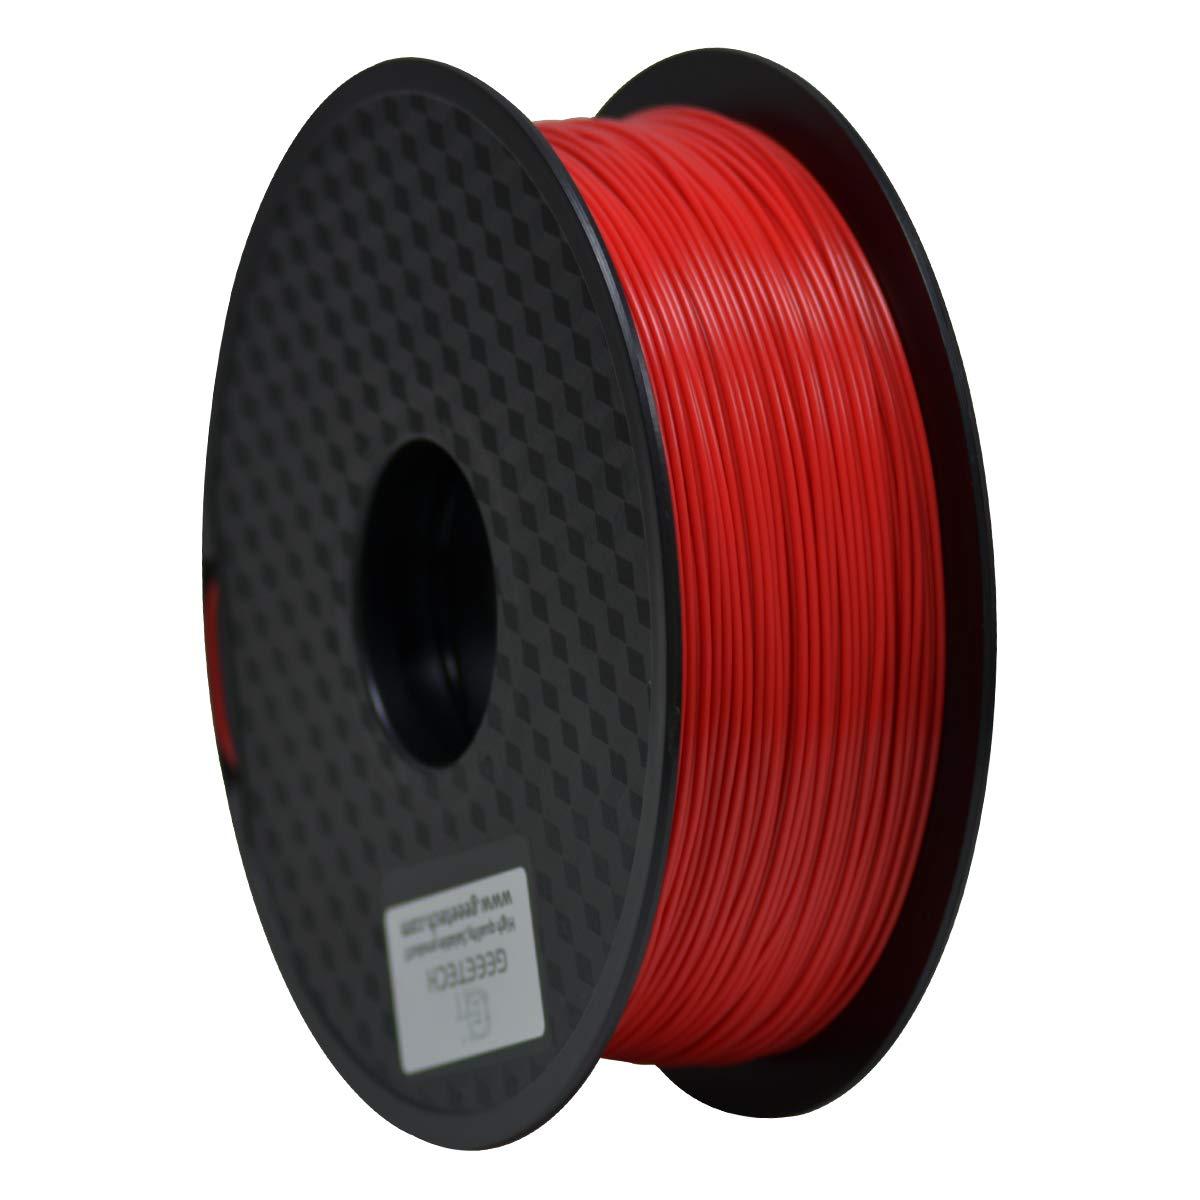 Geeetech filamento PLA stampante 3d